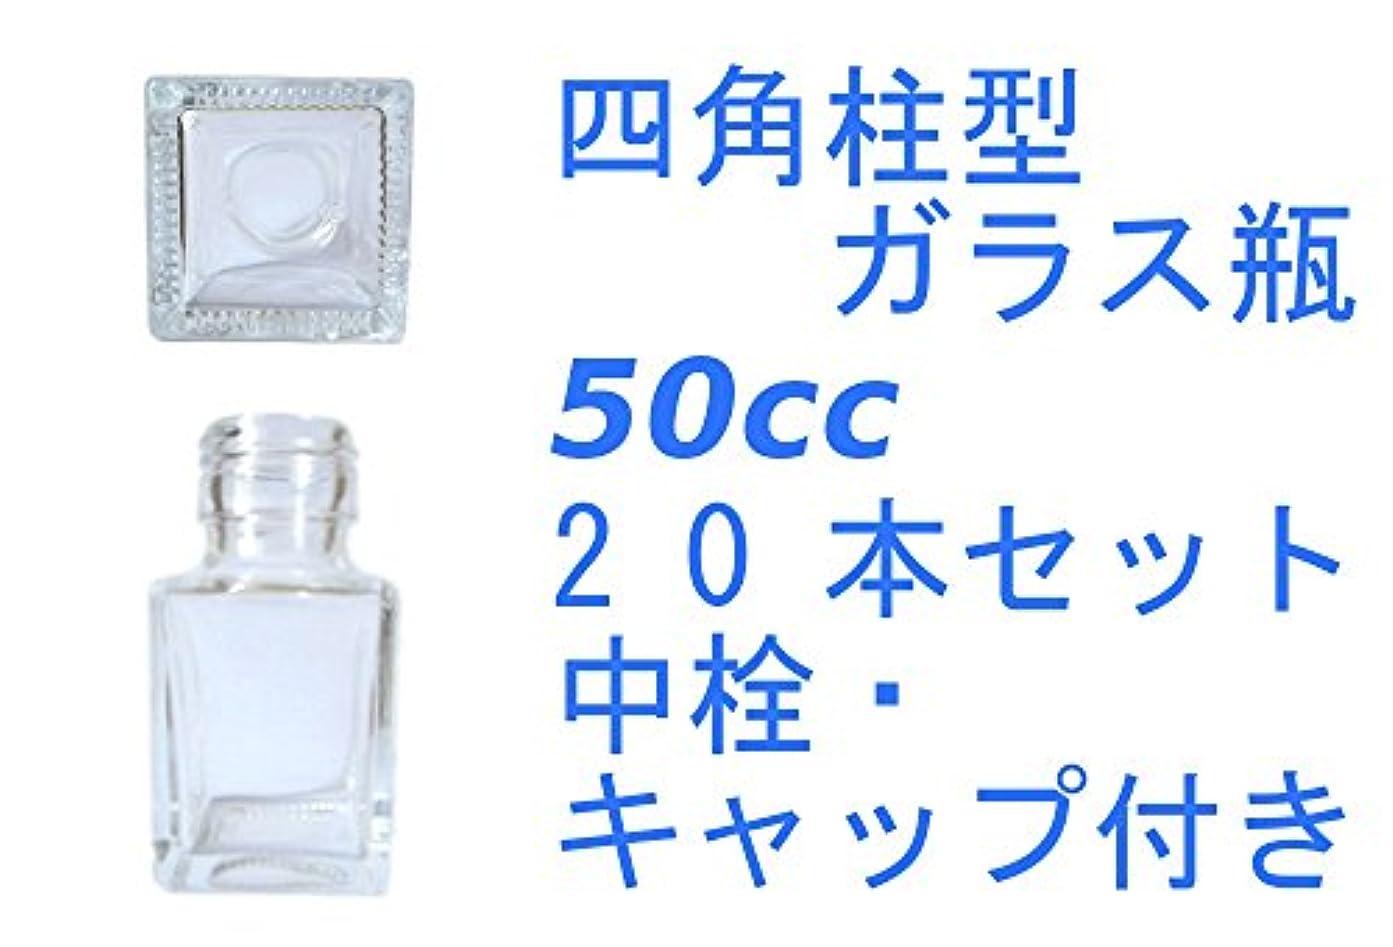 給料振る舞うはげ(ジャストユーズ)JustU's 日本製 ポリ栓 中栓付き四角柱型ガラス瓶 20本セット 50cc 50ml アロマディフューザー ハーバリウム 調味料 オイル タレ ドレッシング瓶 B20-SSE50A-A